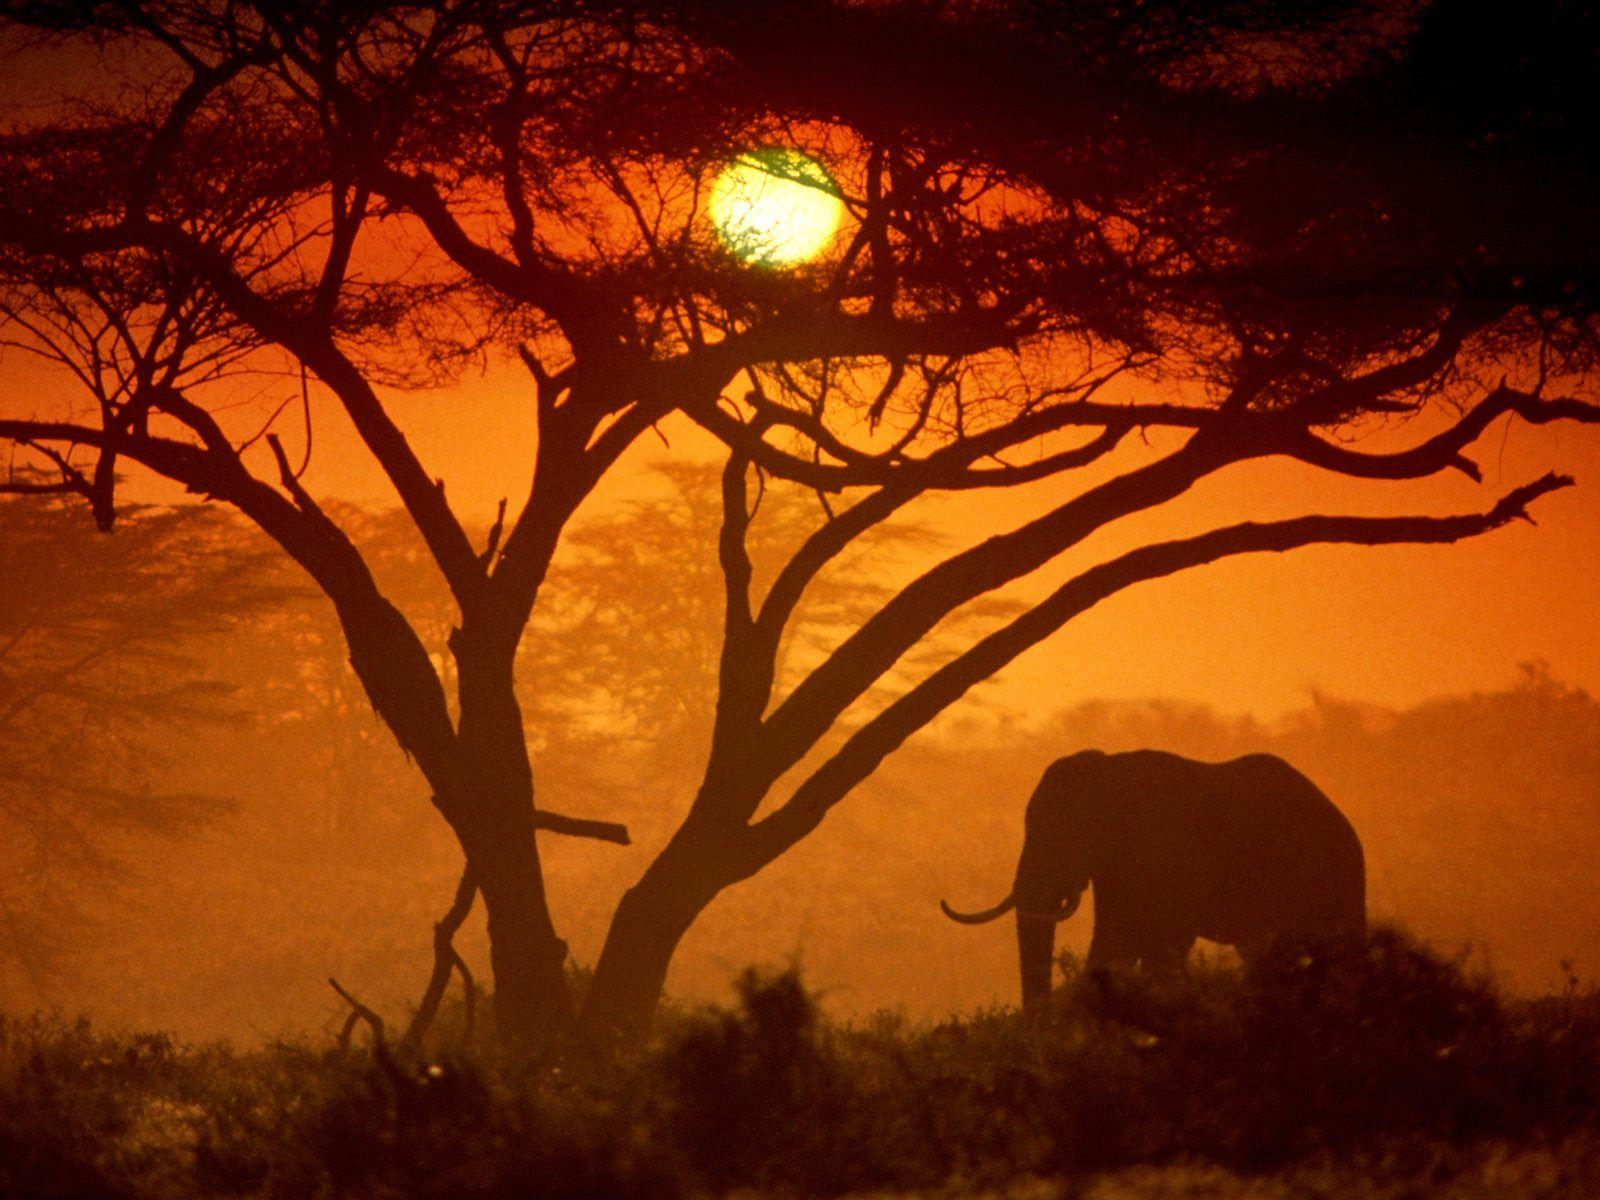 http://www.damlesafaris.com/sites/default/files/kenya-amboseli-national-park-.jpg